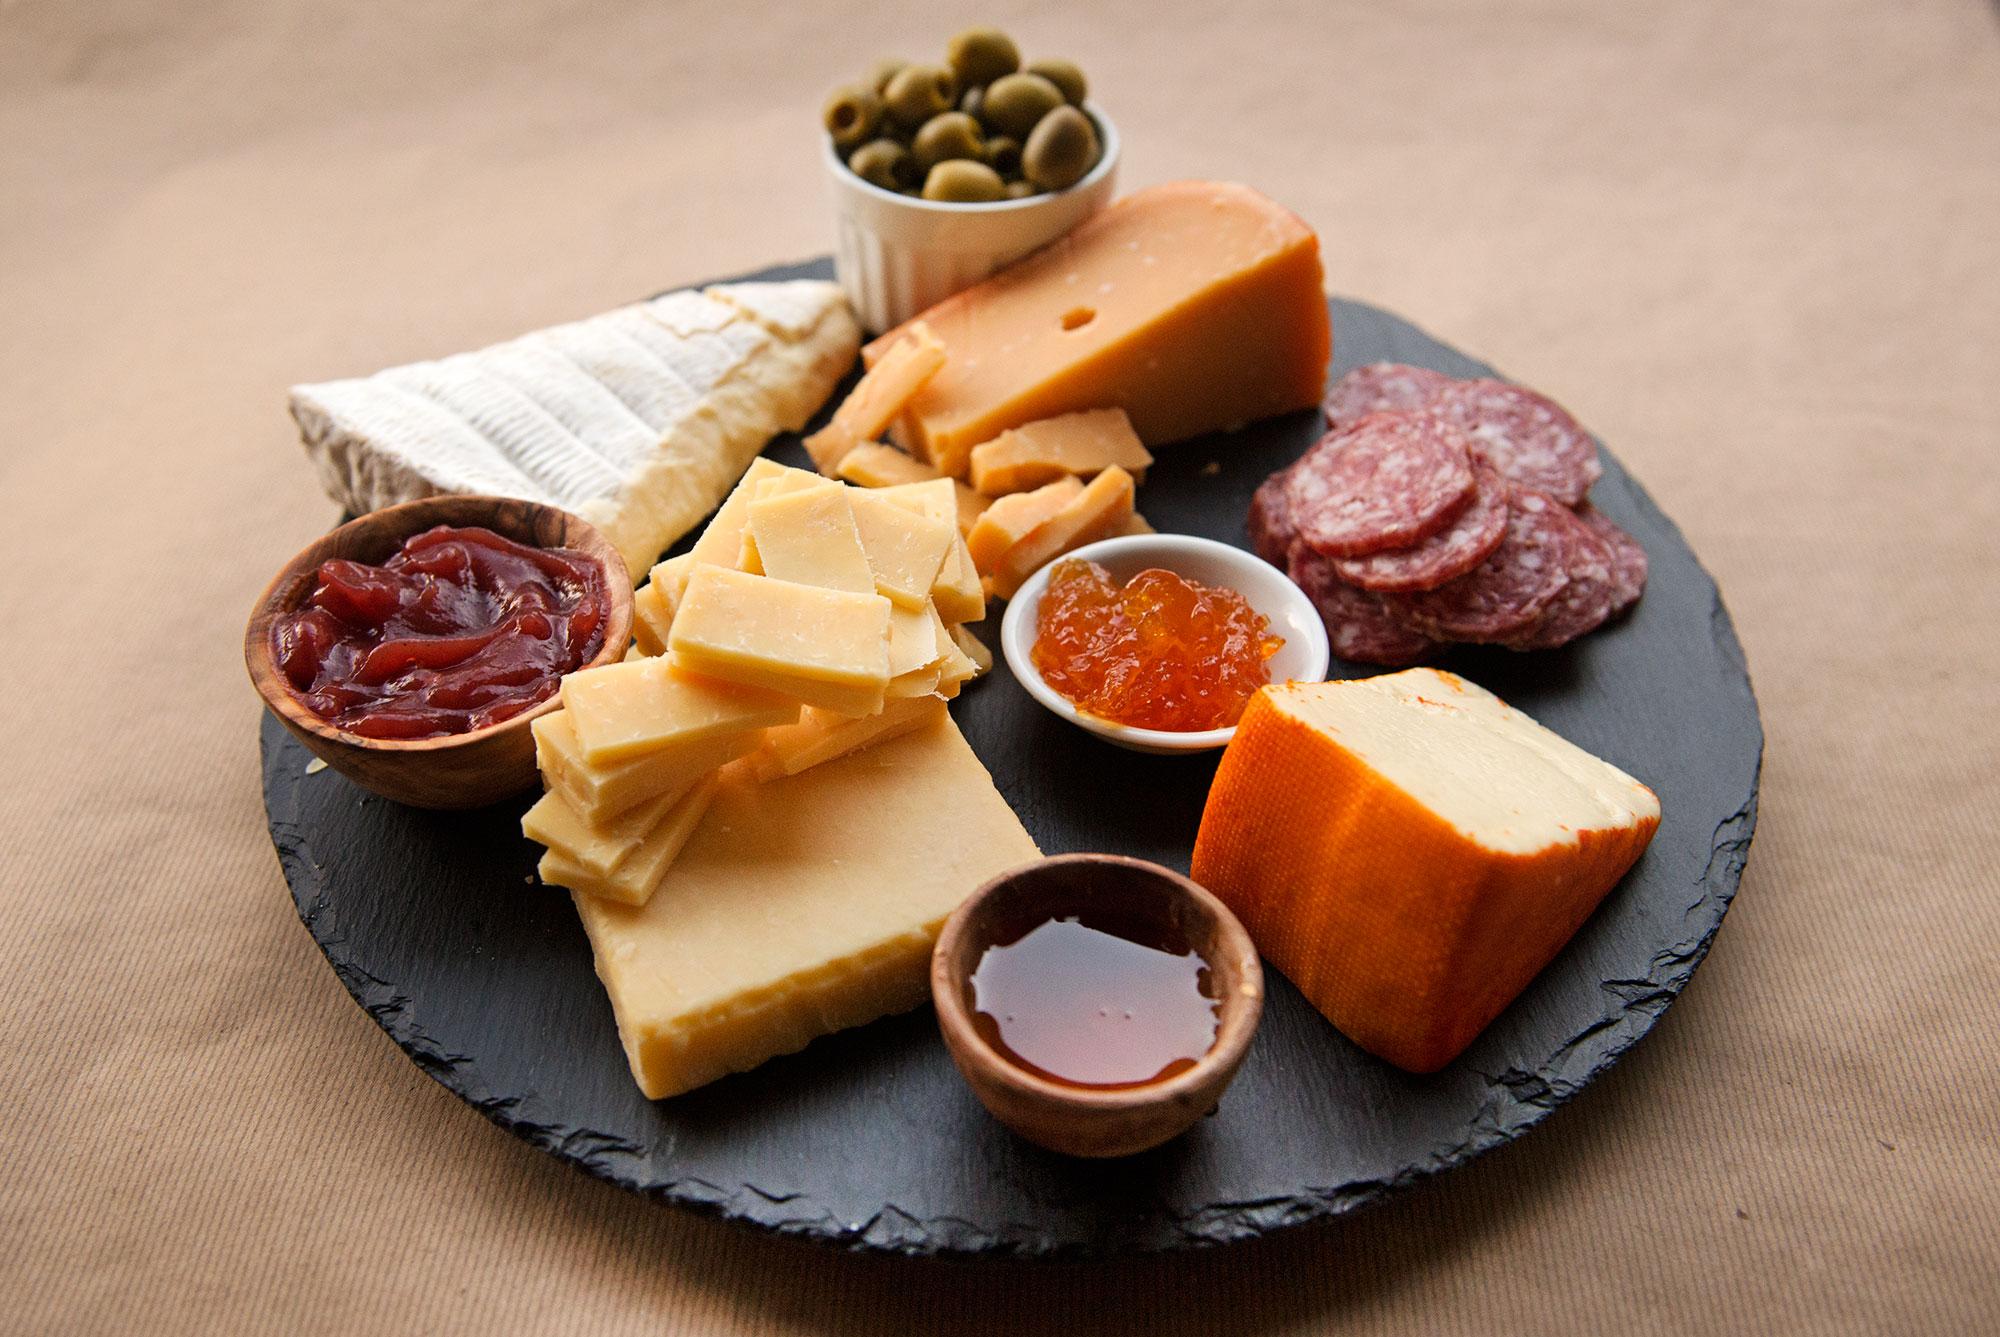 6 Cheese Plates That Say I Need To Borrow 1300